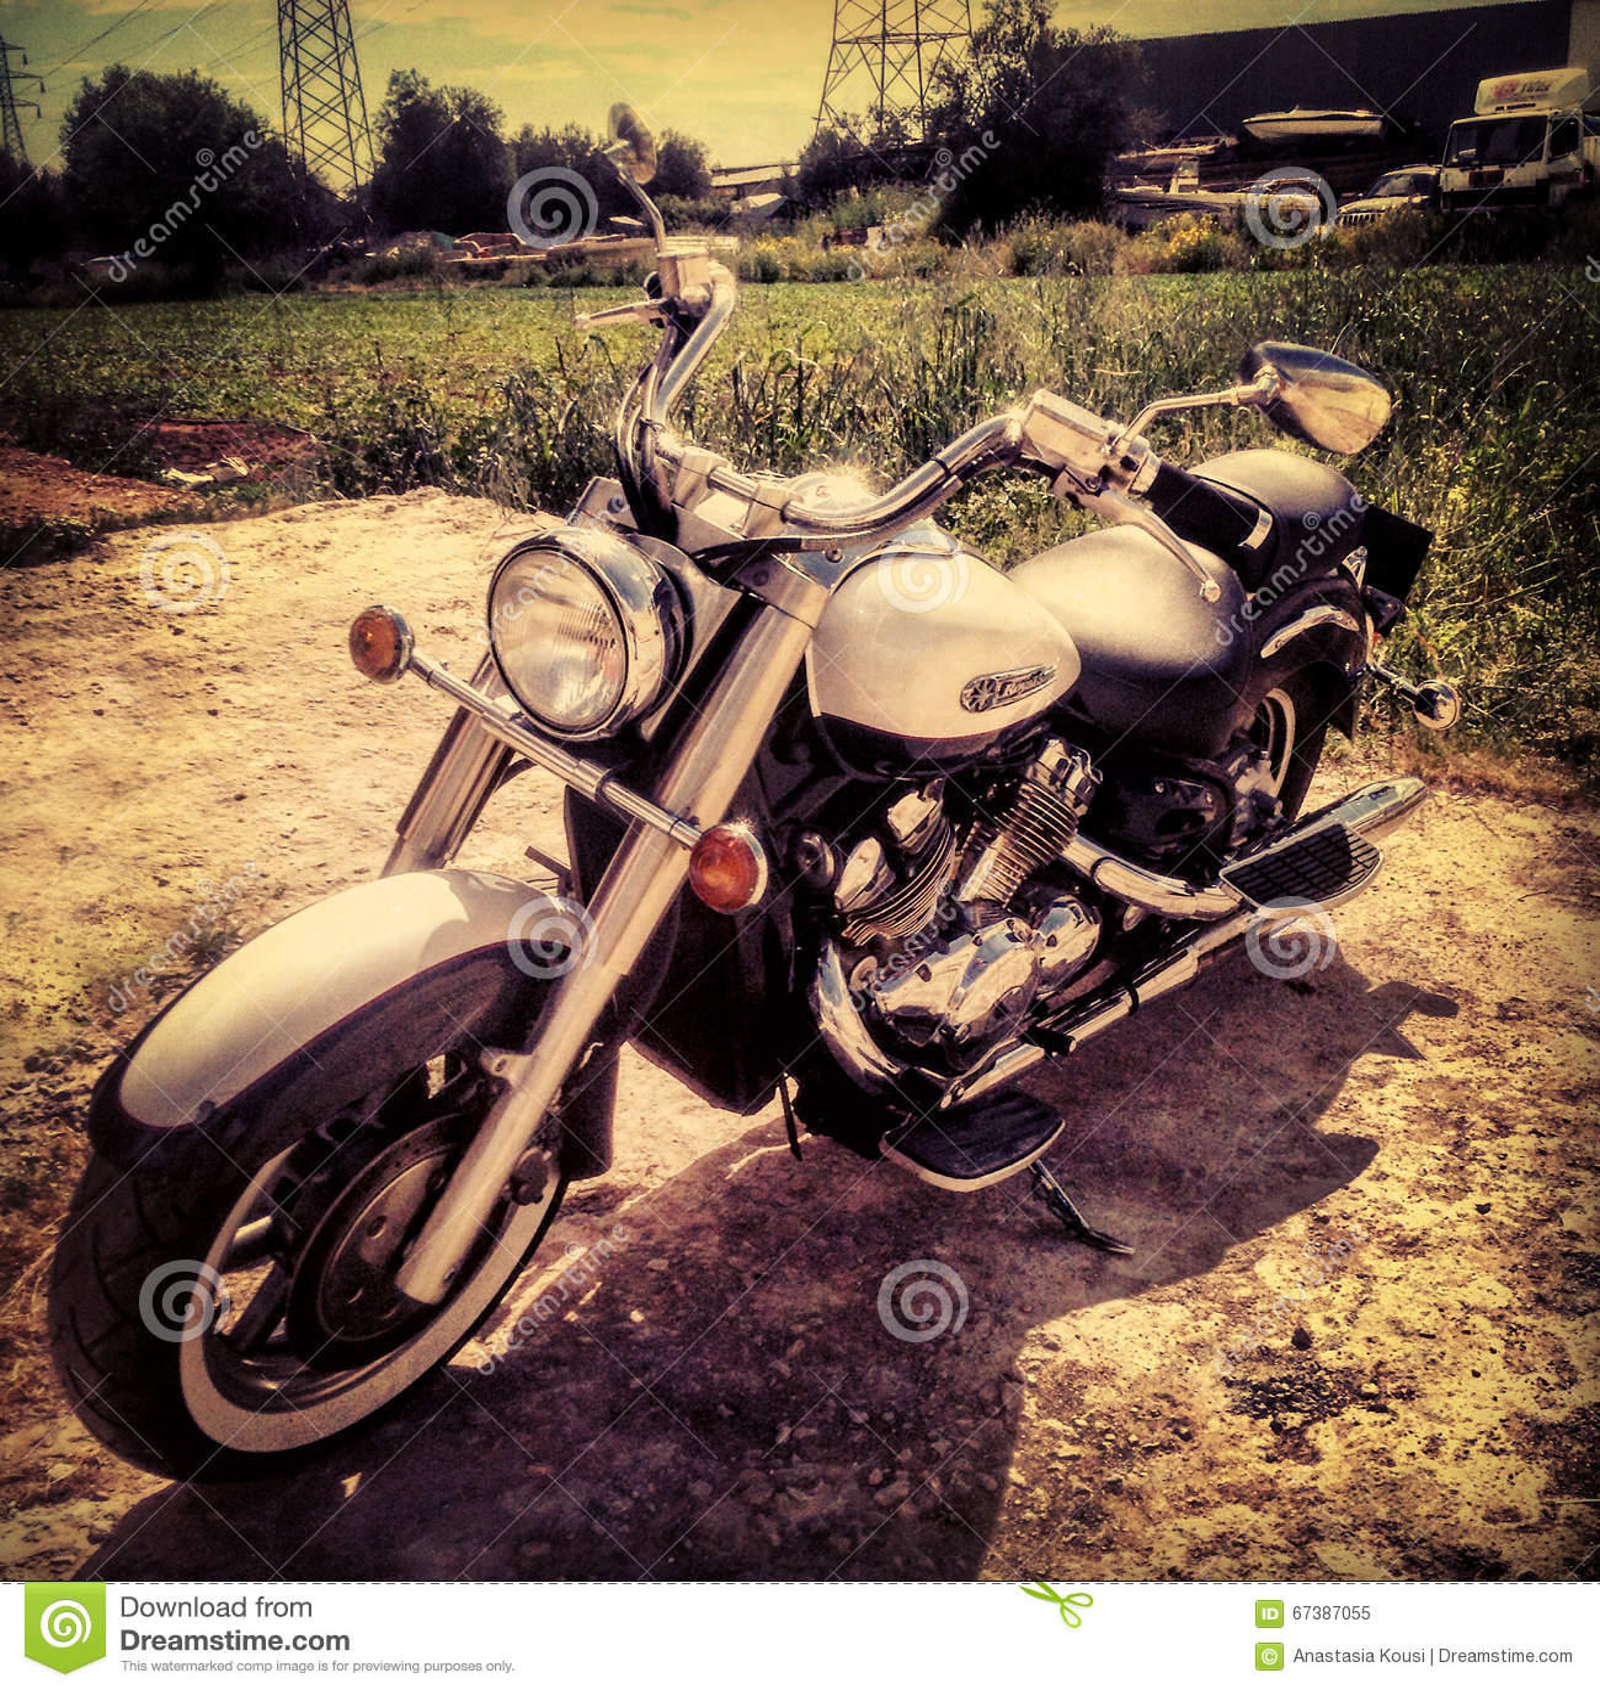 Yamaha Royal Star Bike Editorial Image Image 67387055